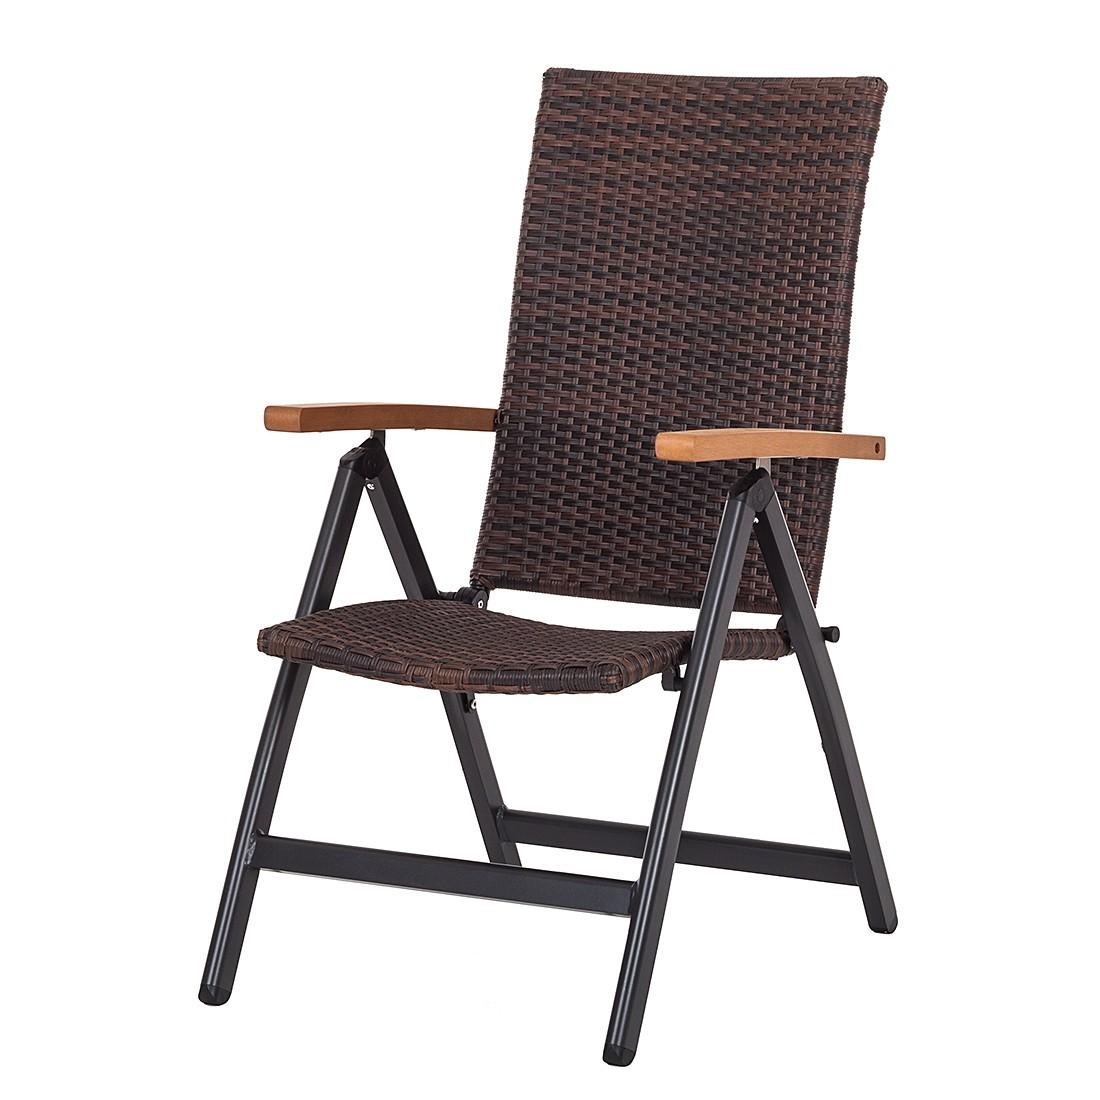 gartenst hle rattan braun. Black Bedroom Furniture Sets. Home Design Ideas